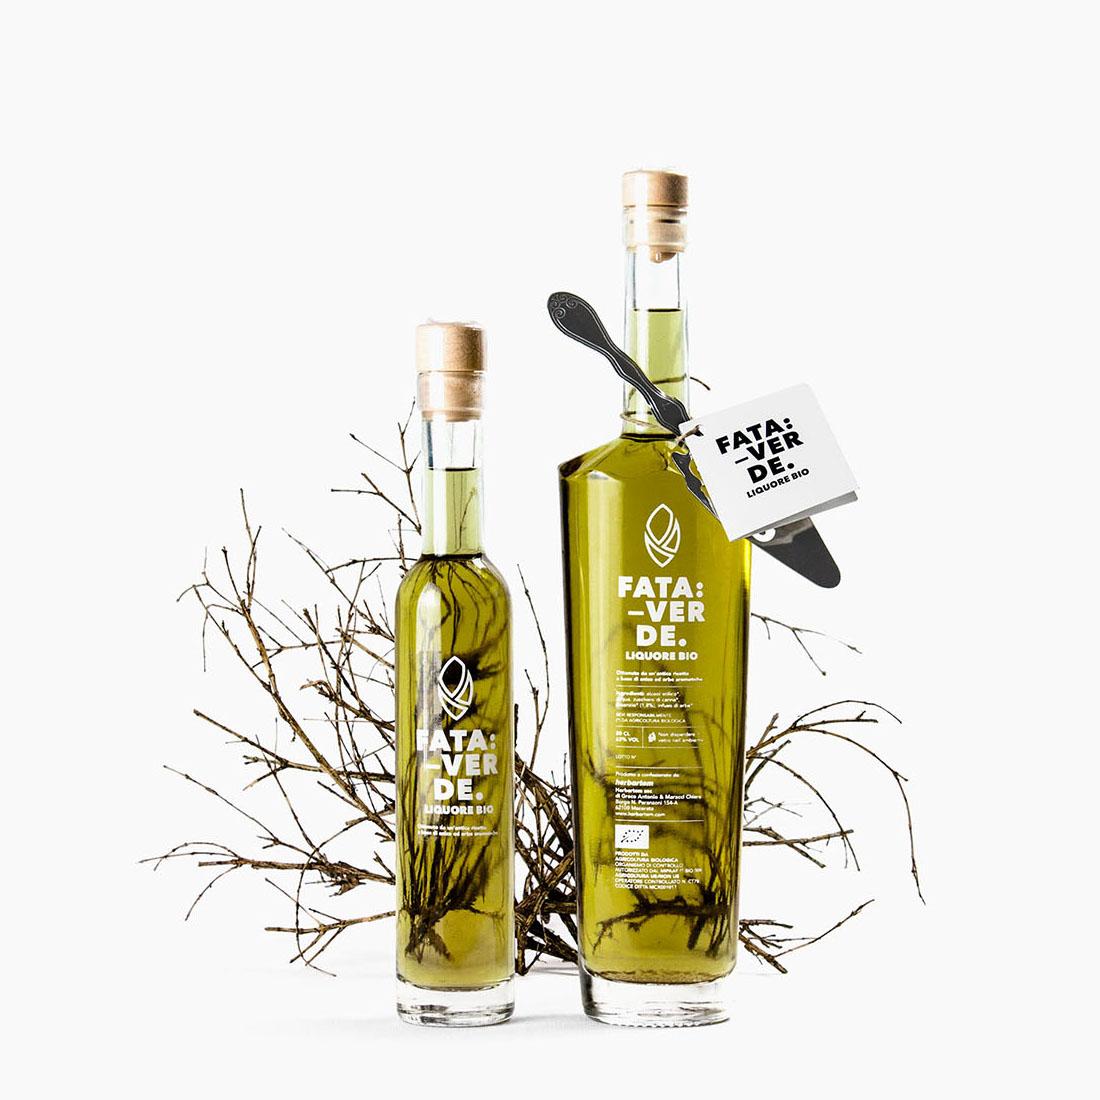 Numeroquattro Create Herbartem's Liquors Packaging Design